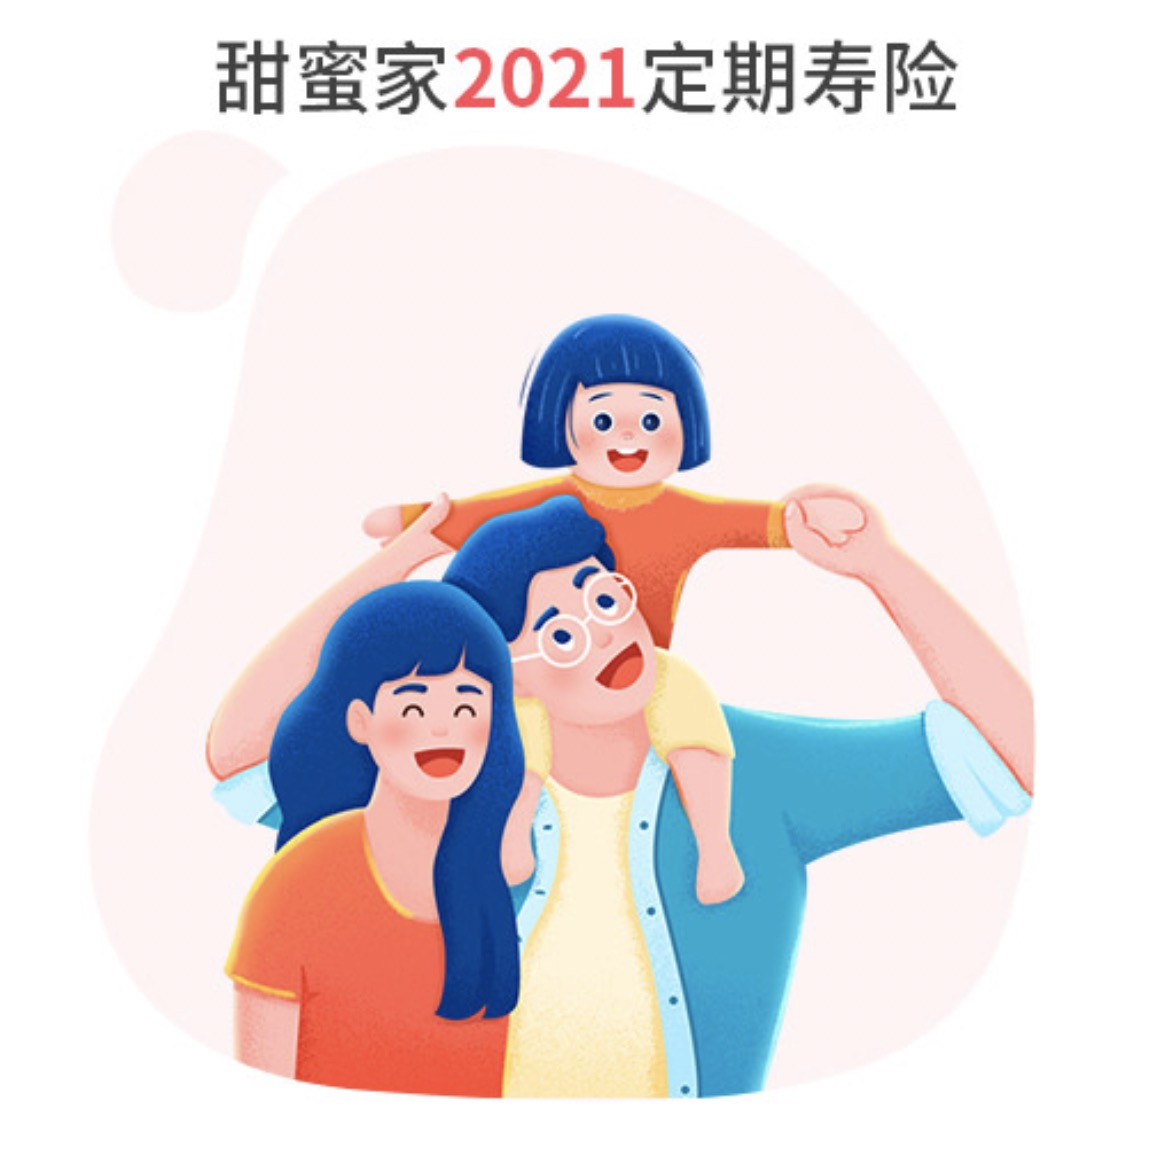 大麥甜蜜家2021定期壽險